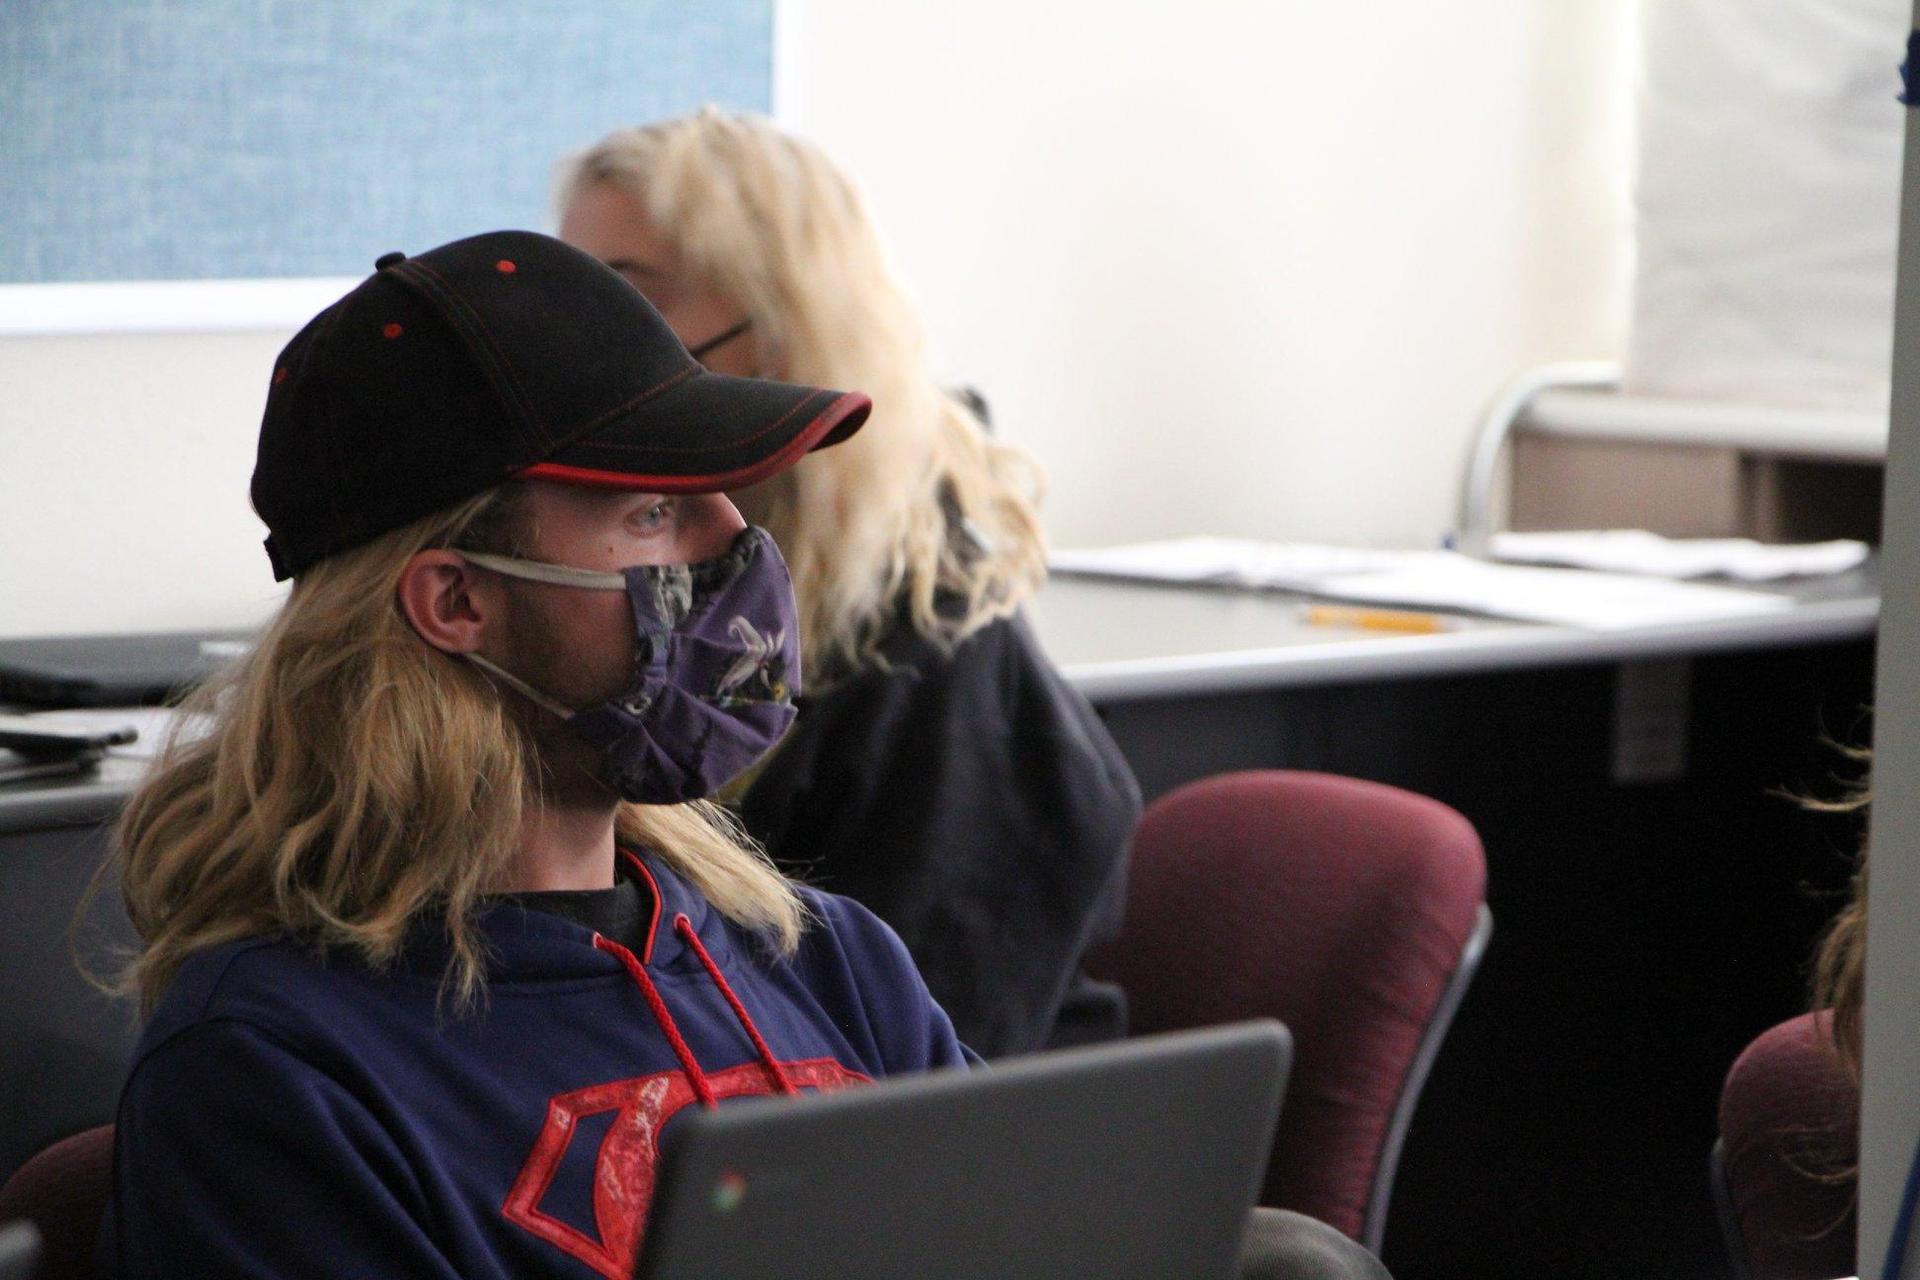 Boy sitting in classroom